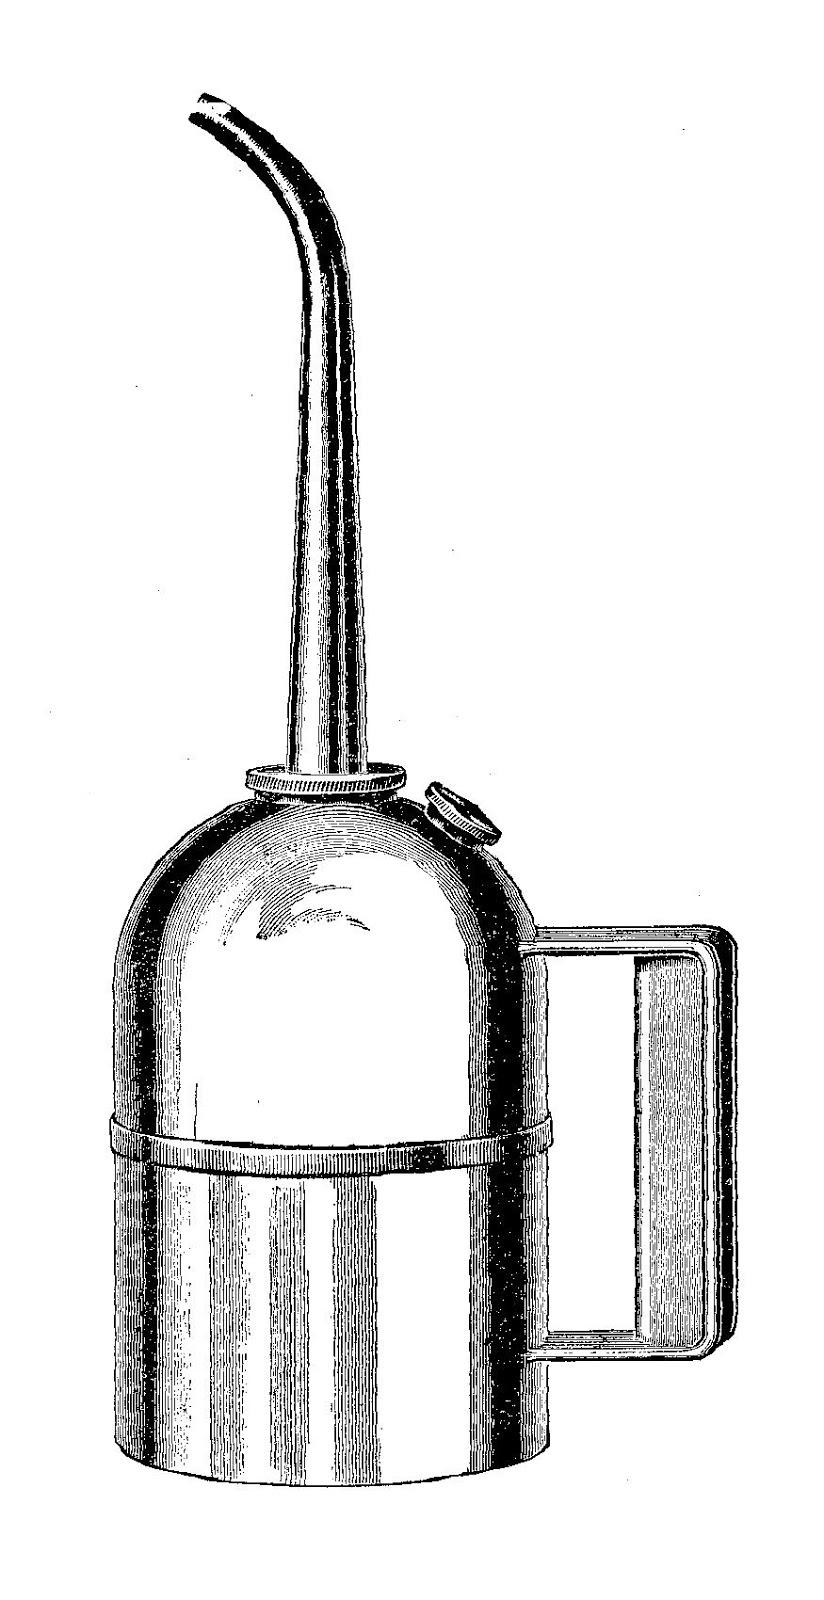 Digital Stamp Design: Vintage Oil Can Image Machine